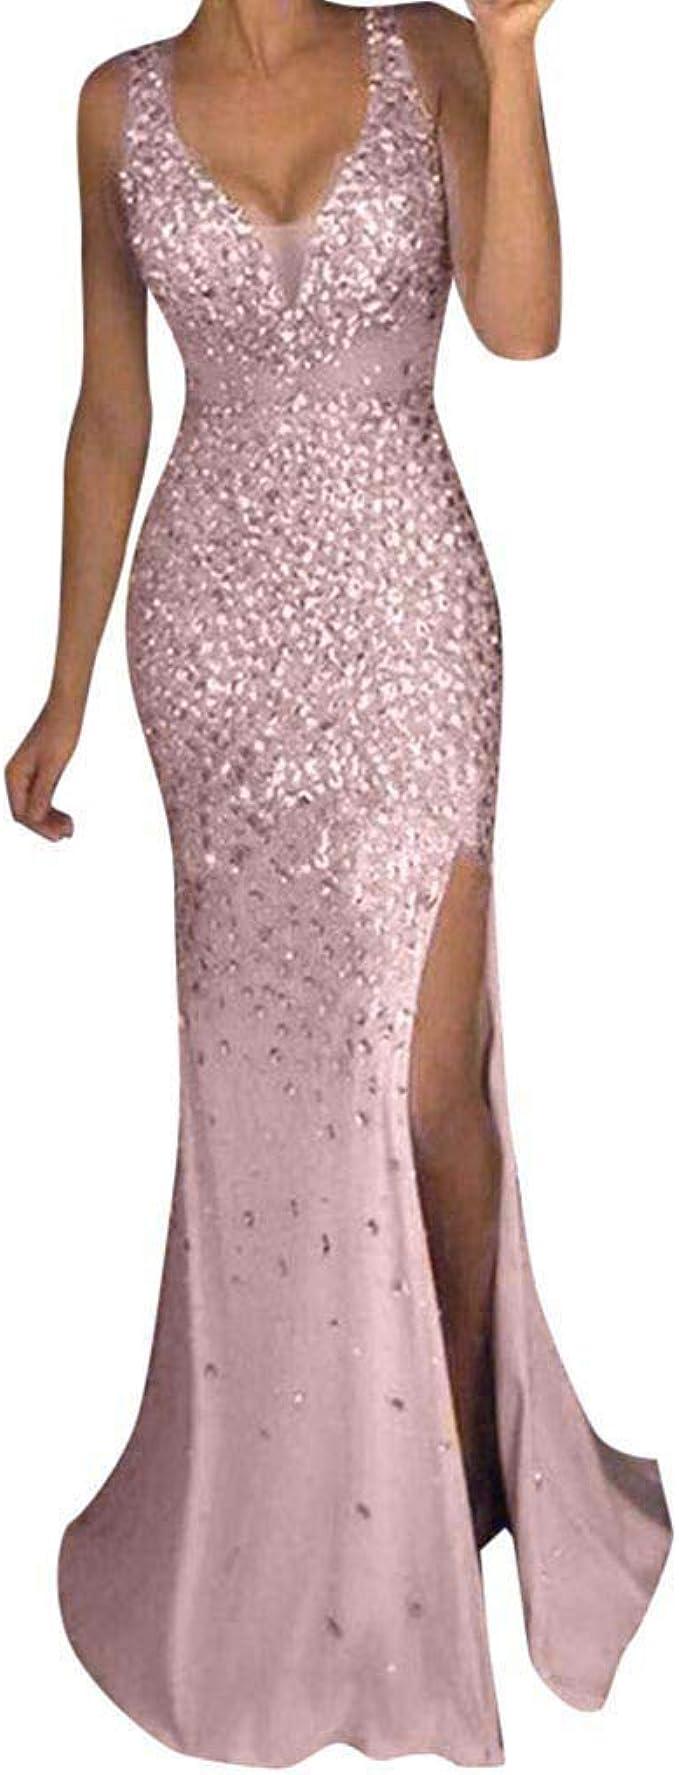 MAYOGO Cocktailkleid Lang Abschlussball Kleider Damen Glänzend